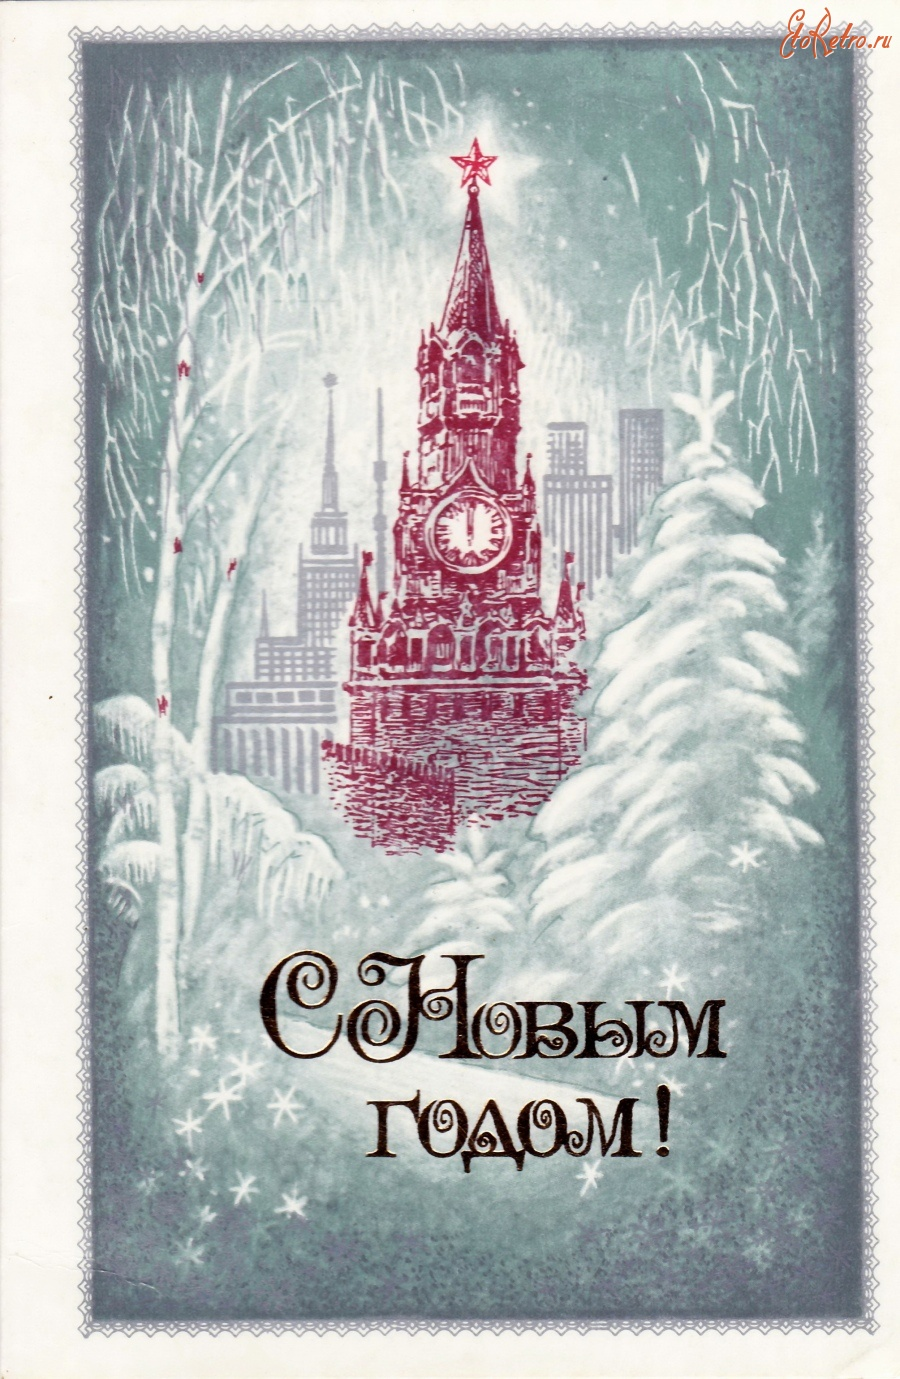 москва открытка поздравление с новым годом оригинал гуччи